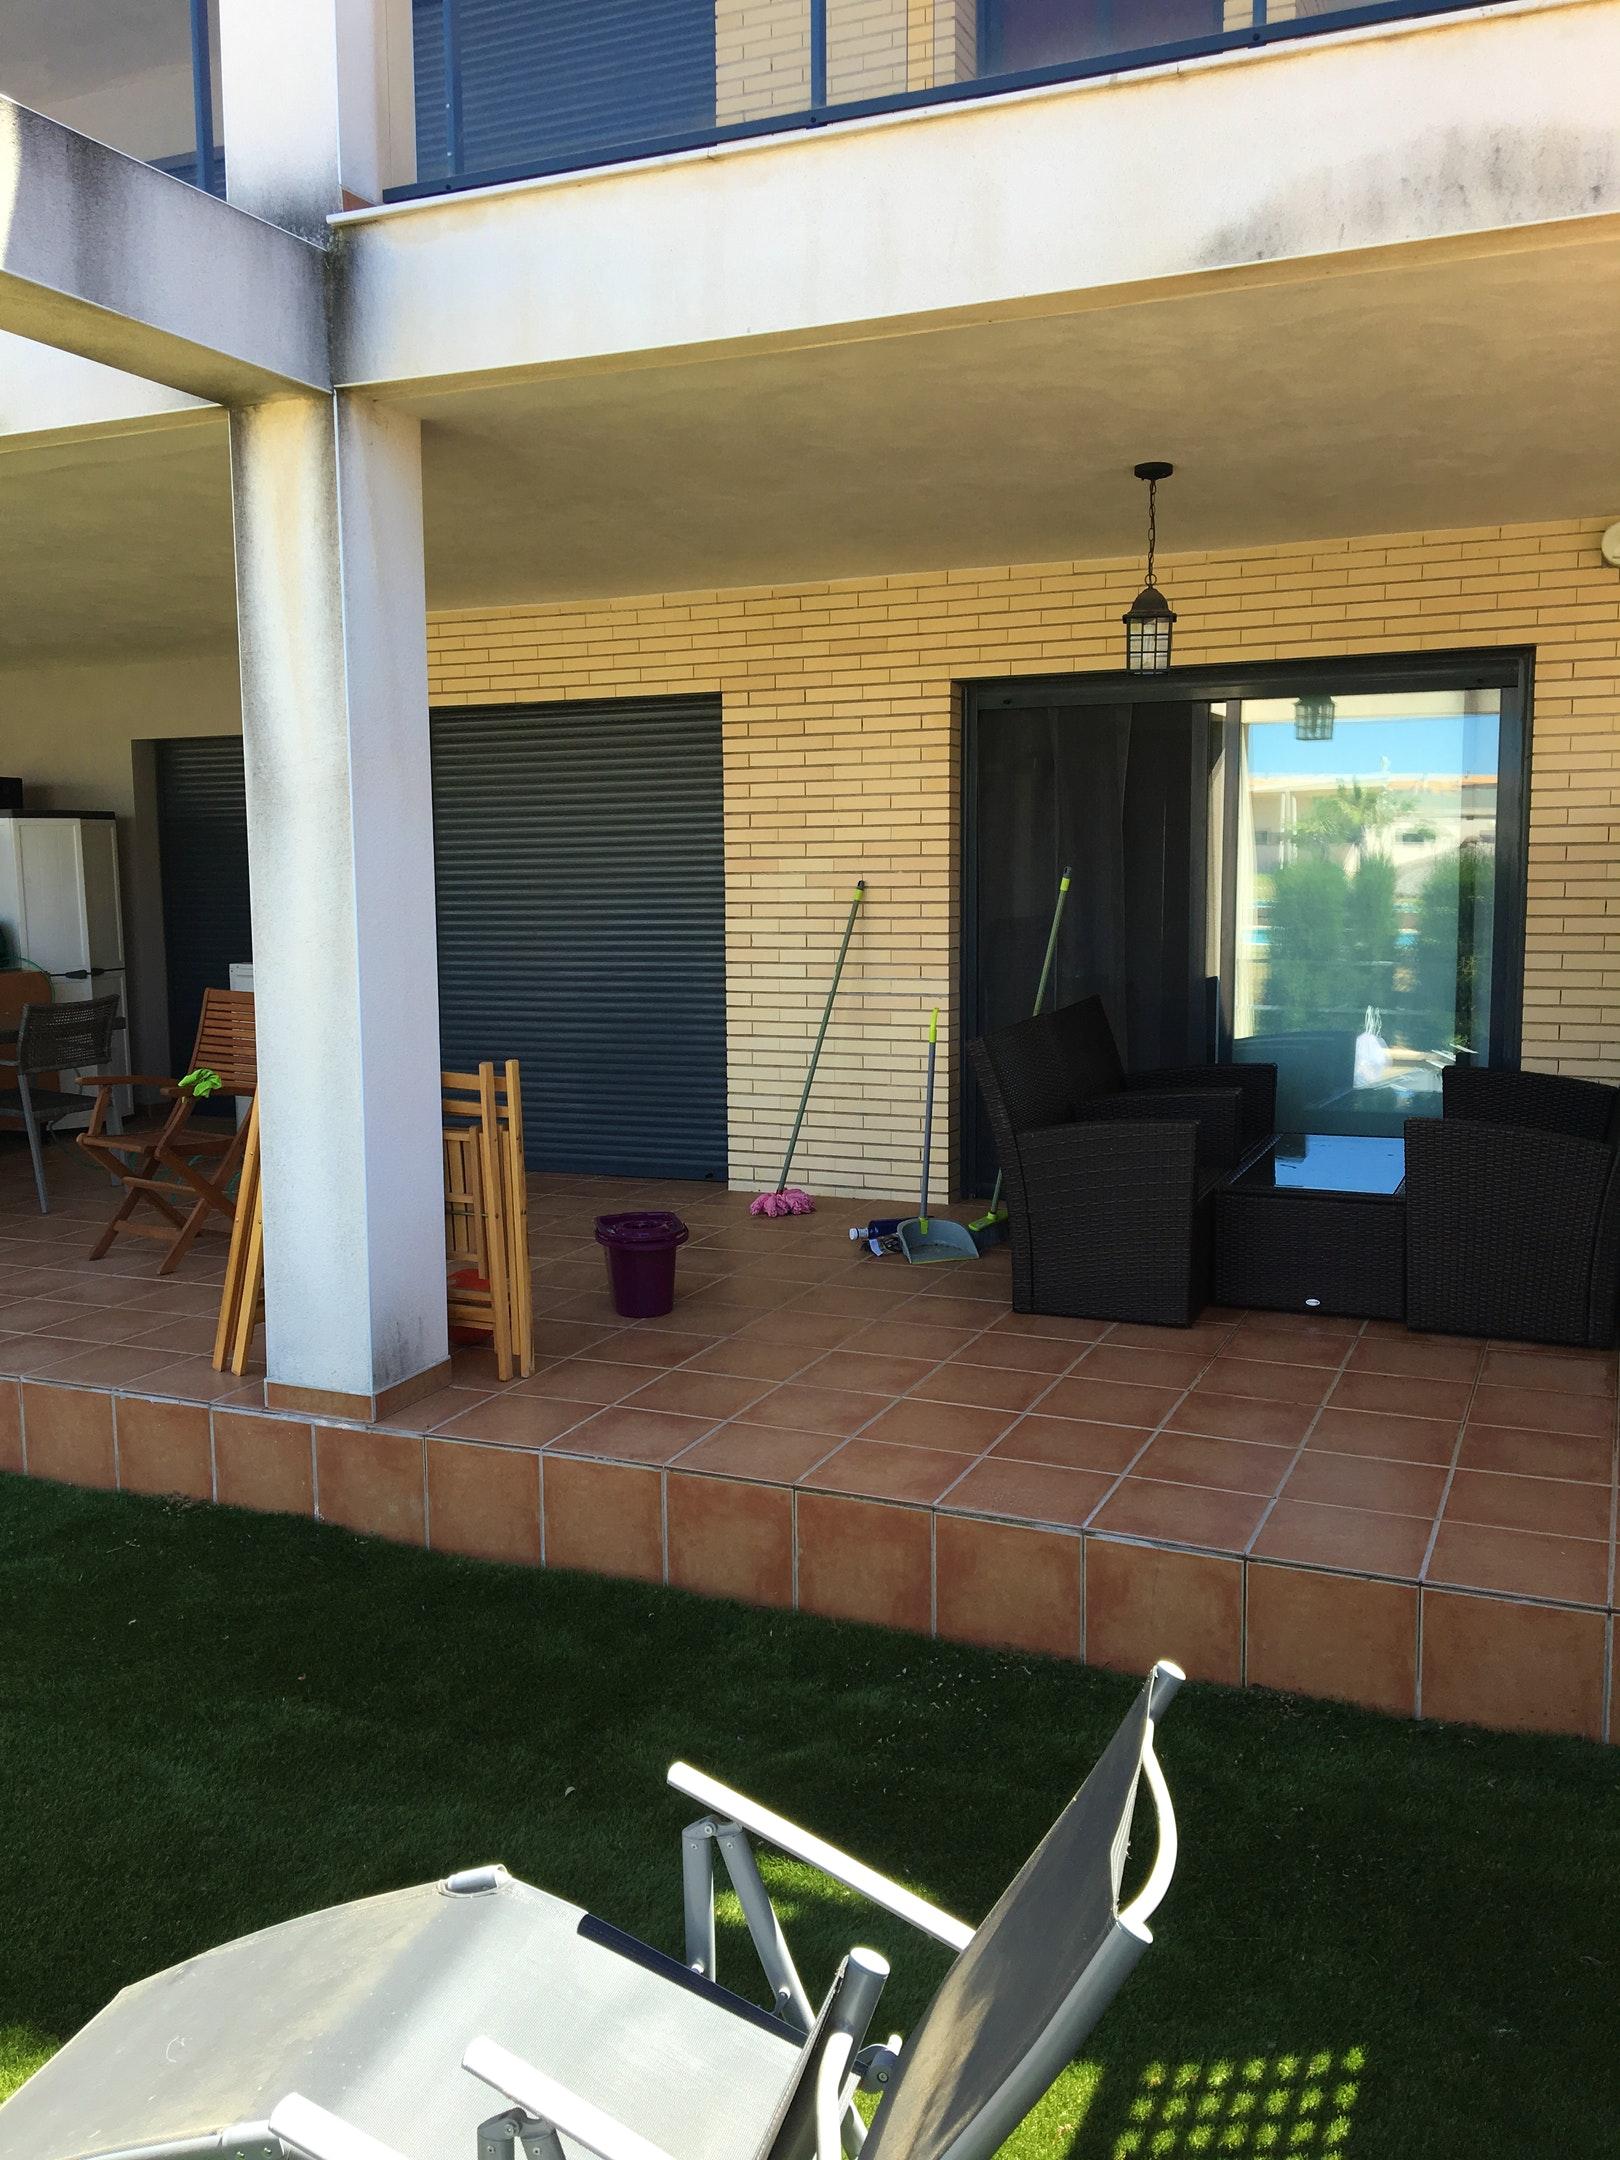 Ferienwohnung Wohnung mit 2 Schlafzimmern in San Jordi mit Pool, möblierter Terrasse und W-LAN - 25 km v (2218181), San Jorge, Provinz Castellón, Valencia, Spanien, Bild 4